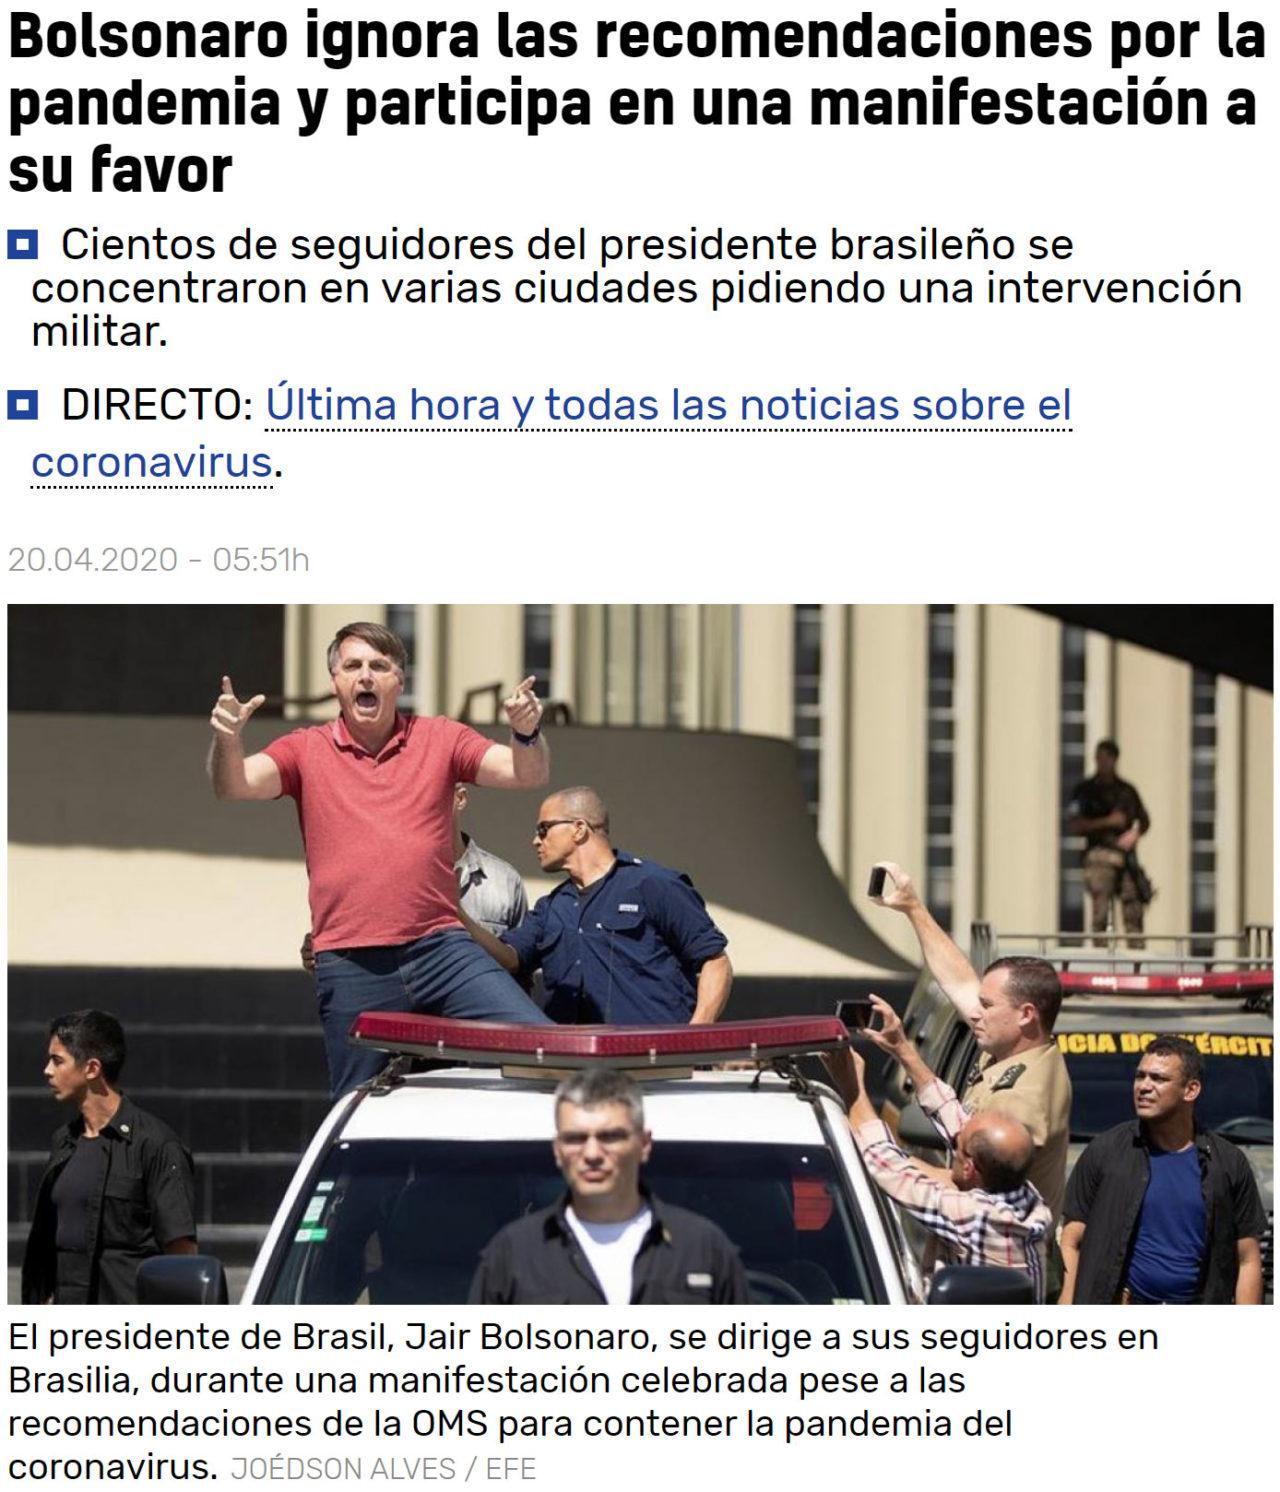 Never go full Bolsonaro